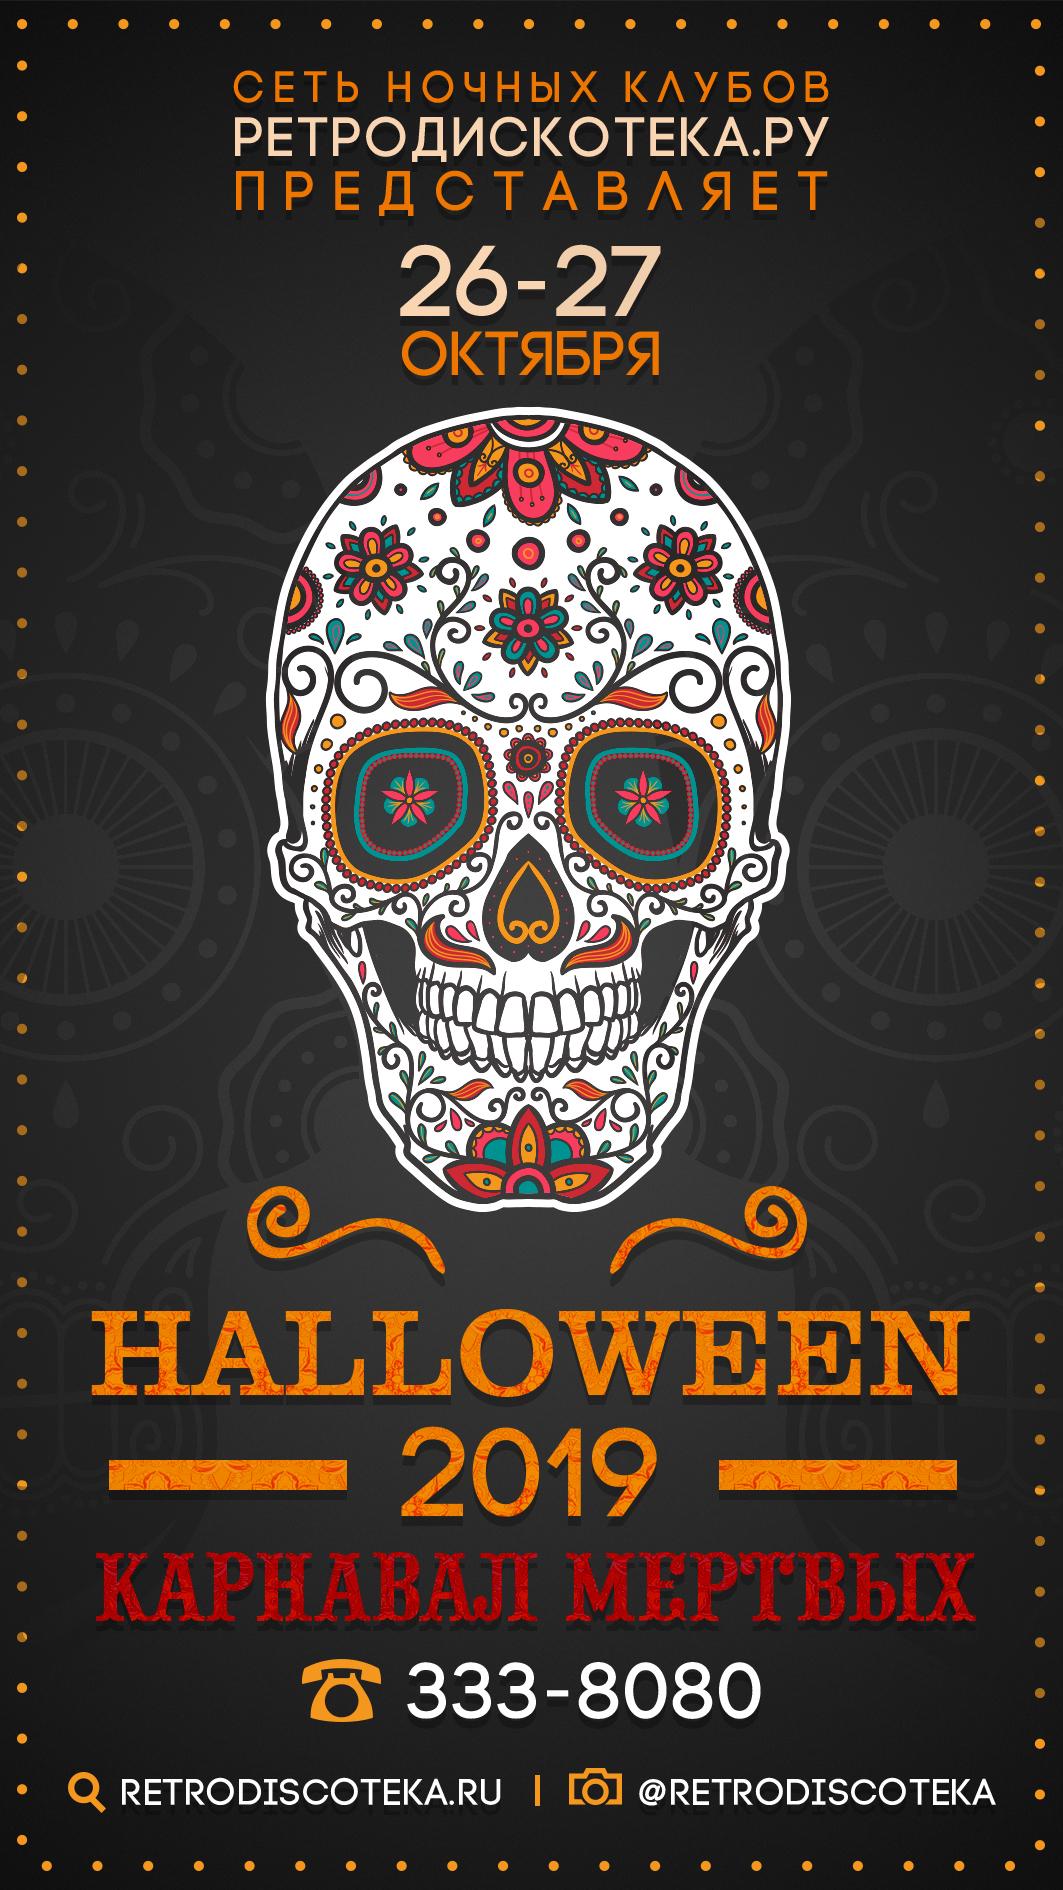 Дизайн афиши Хэллоуин 2019 для сети ночных клубов фото f_2655c6d6aa1207de.jpg